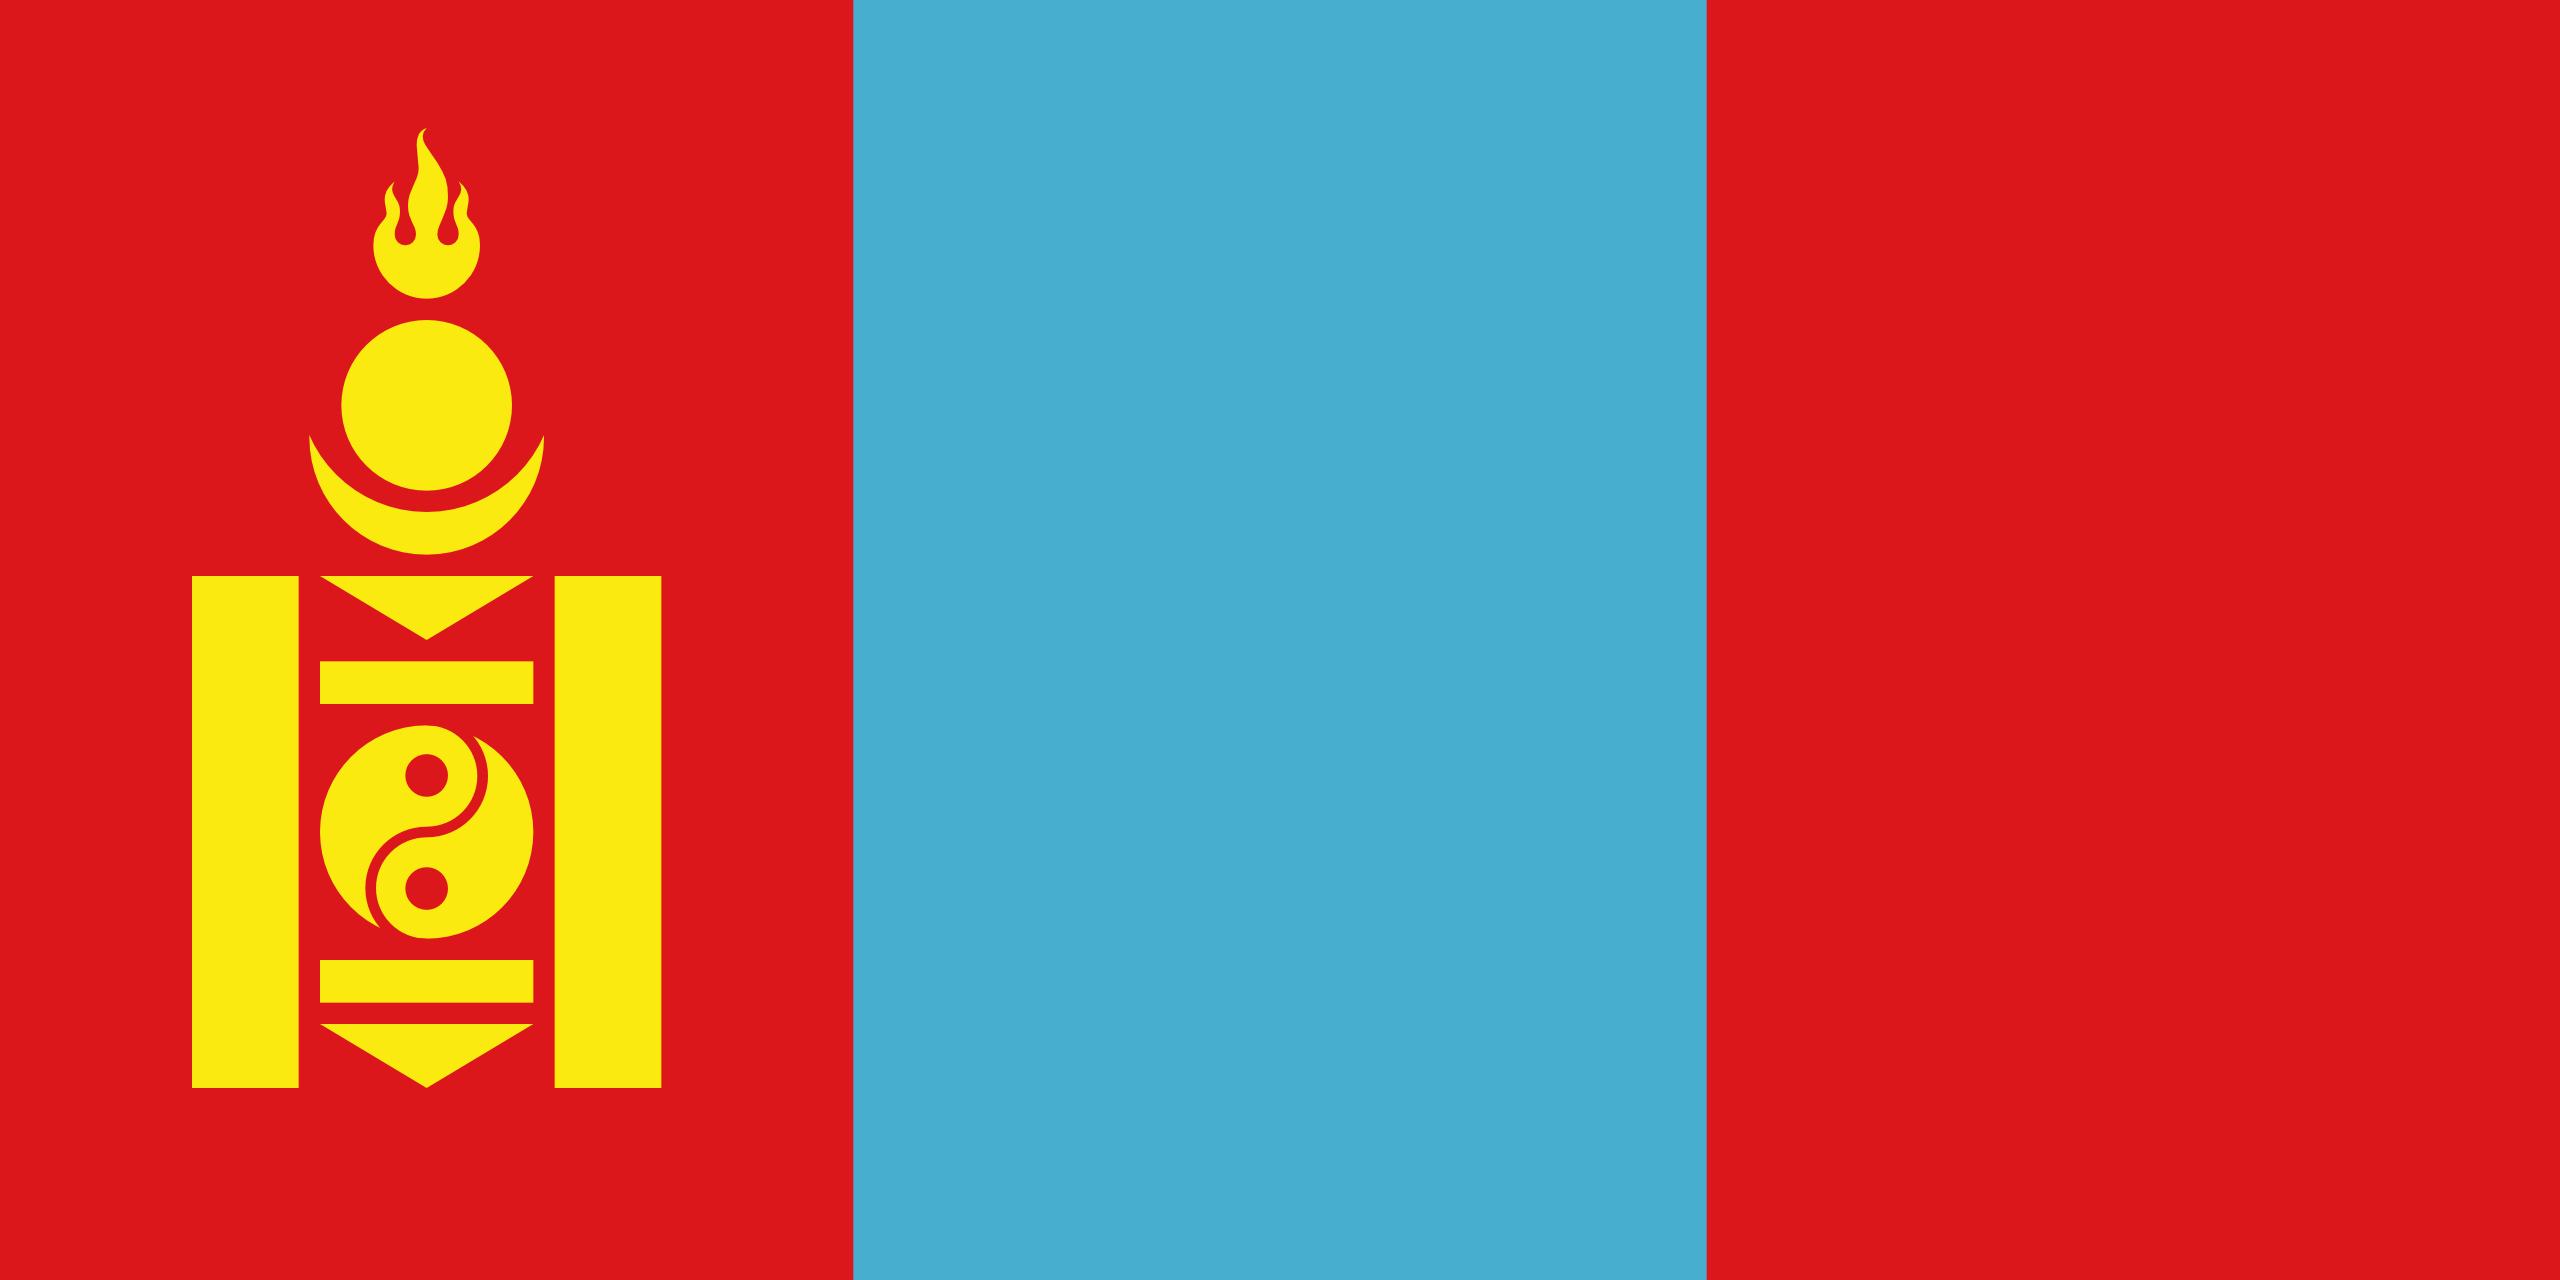 mongolia, χώρα, έμβλημα, λογότυπο, σύμβολο - Wallpapers HD - Professor-falken.com